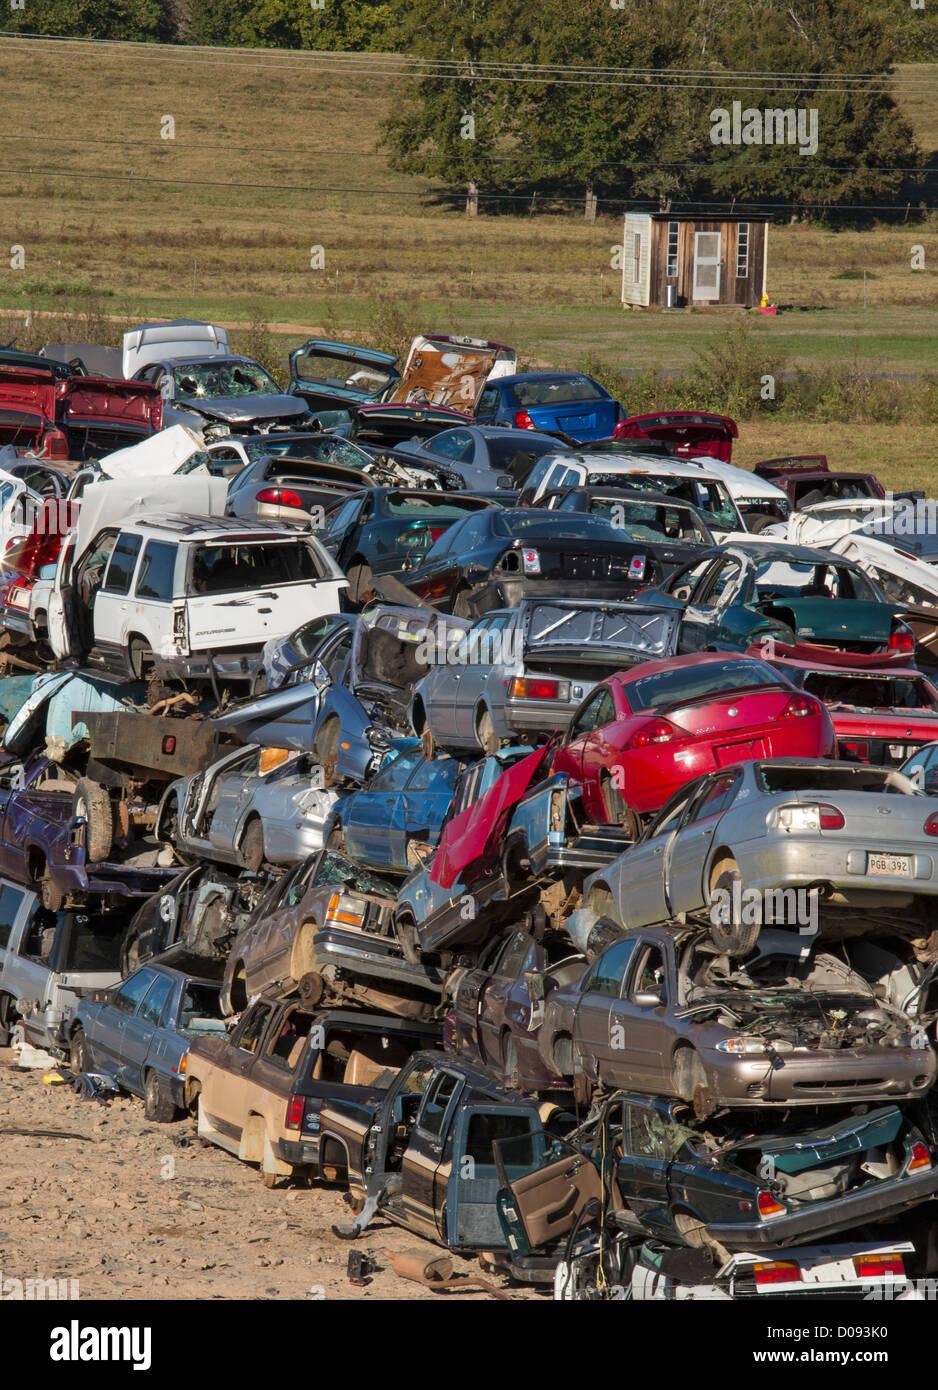 Alexandria, Louisiana - Junk cars at a scrap yard. - Stock Image